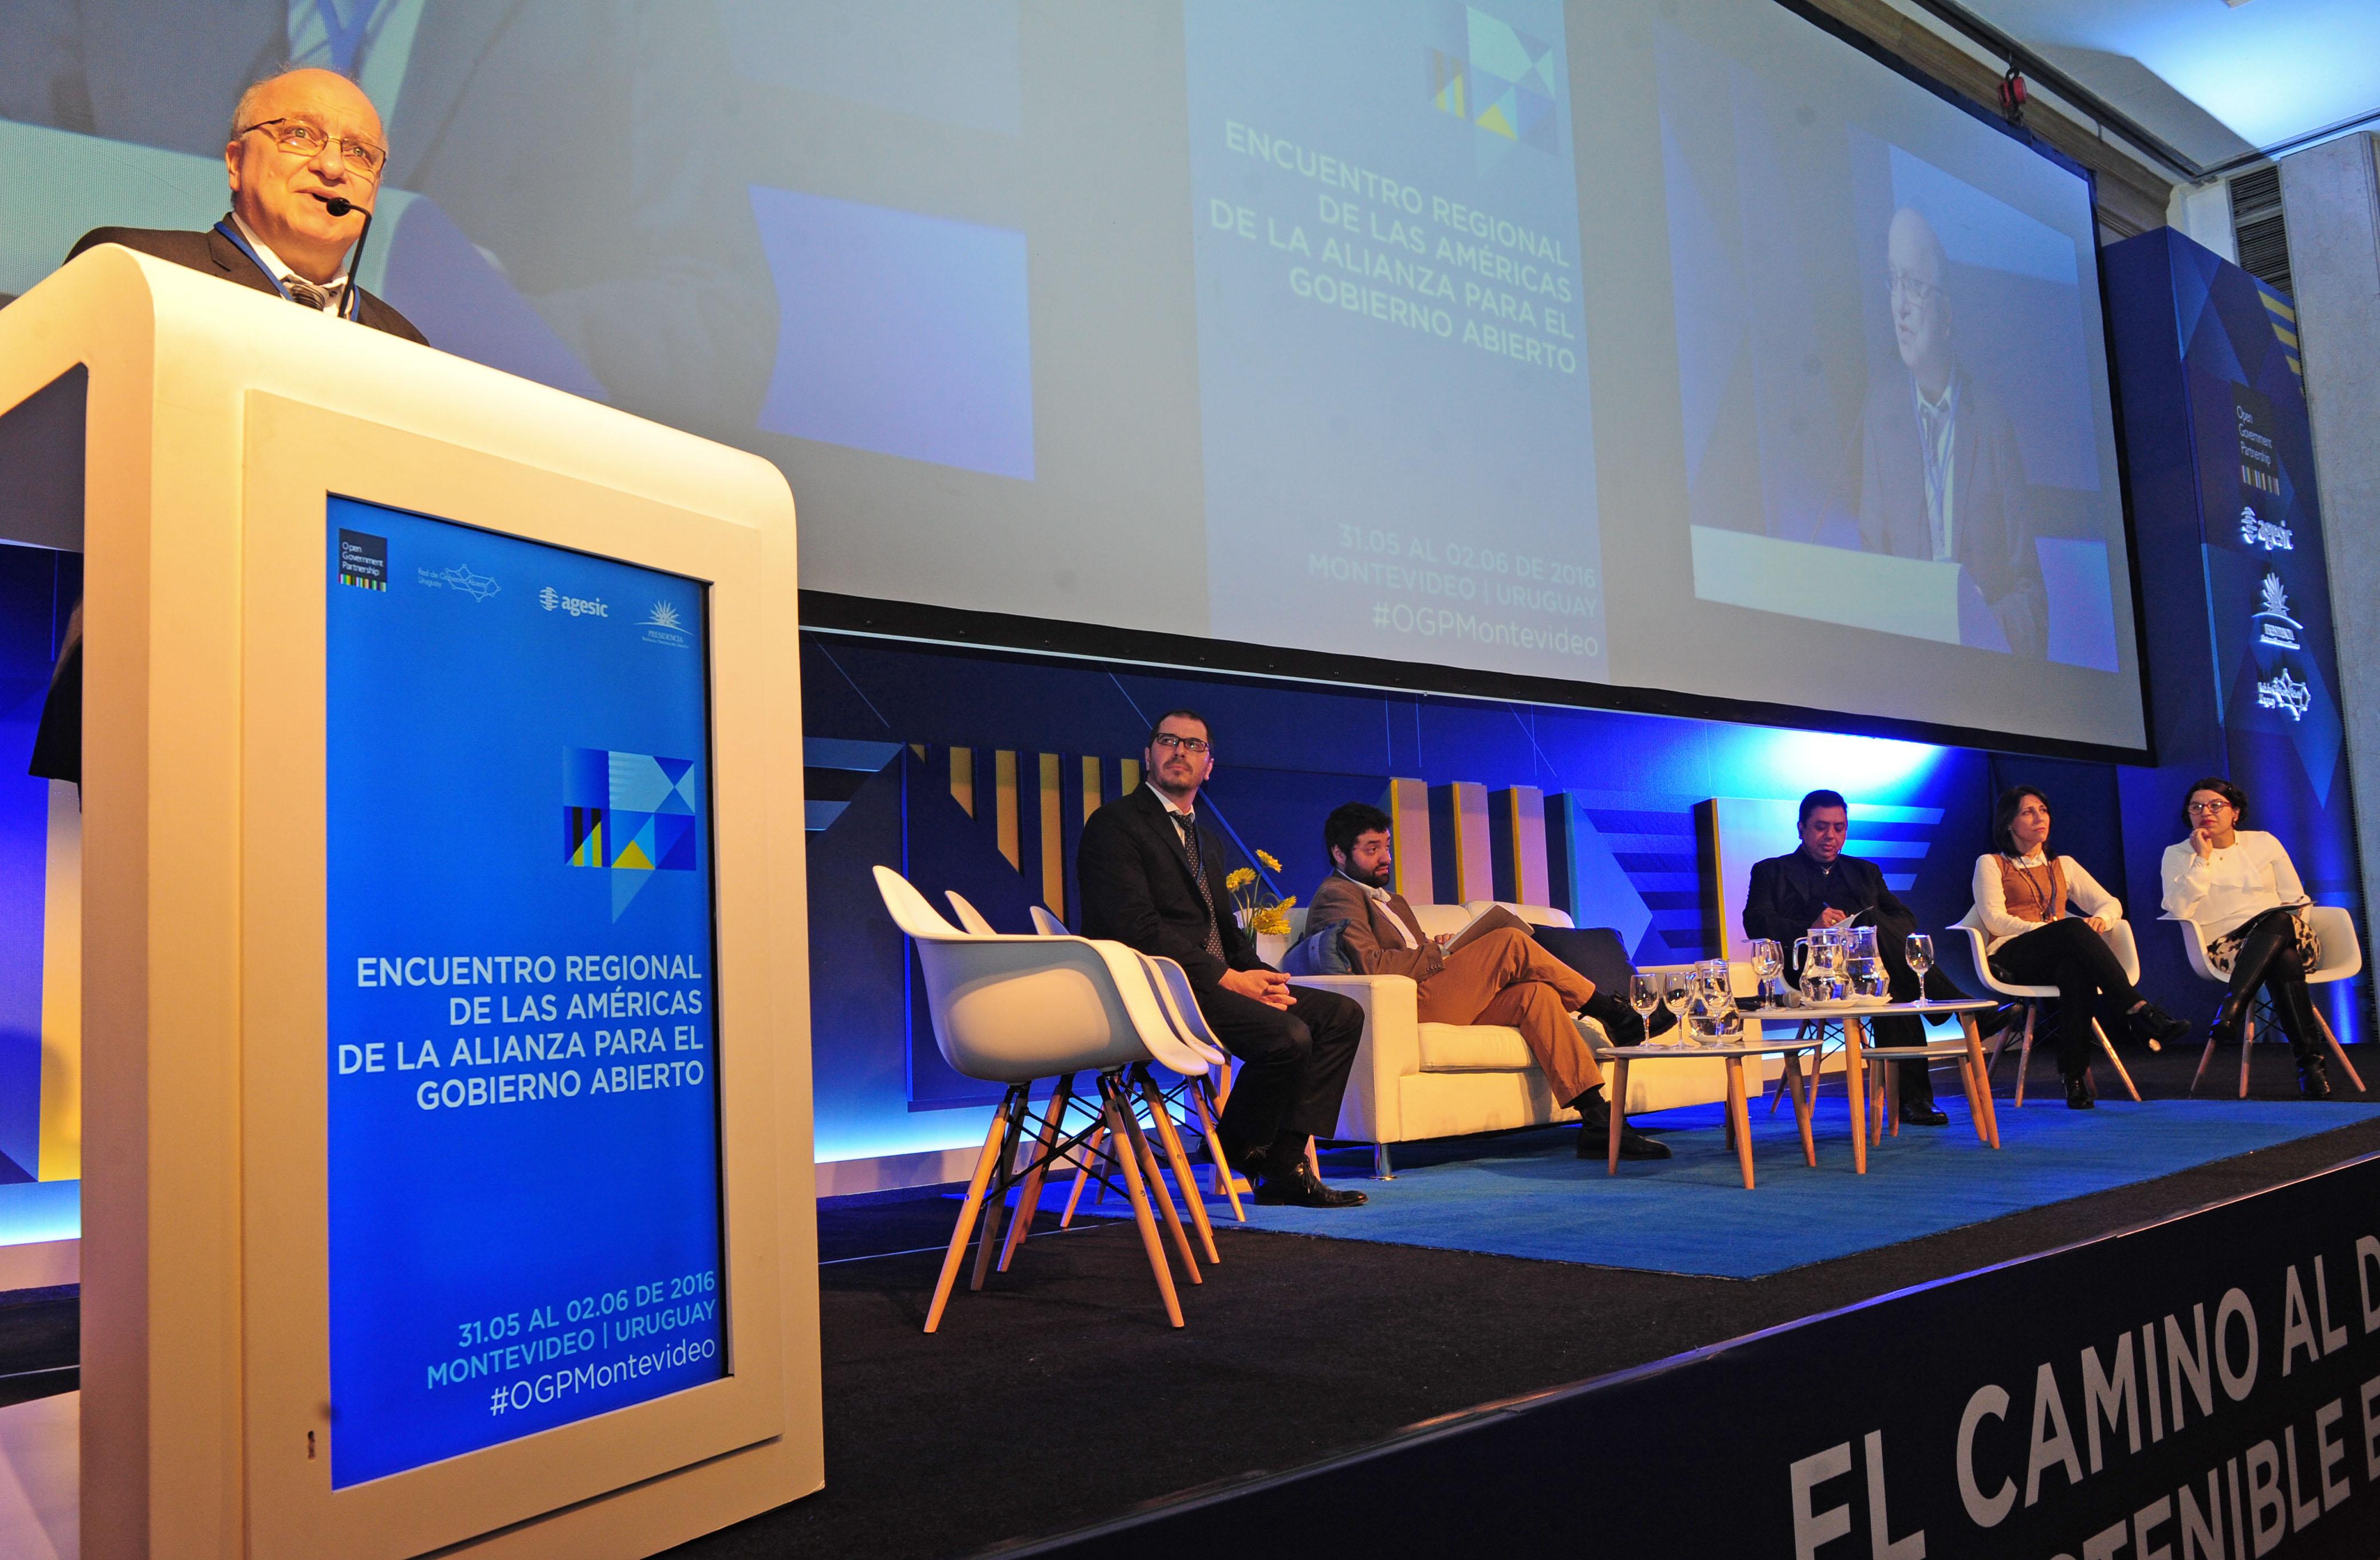 José Clastornik, Director Ejecutivo de AGESIC, haciendo uso de la palabra